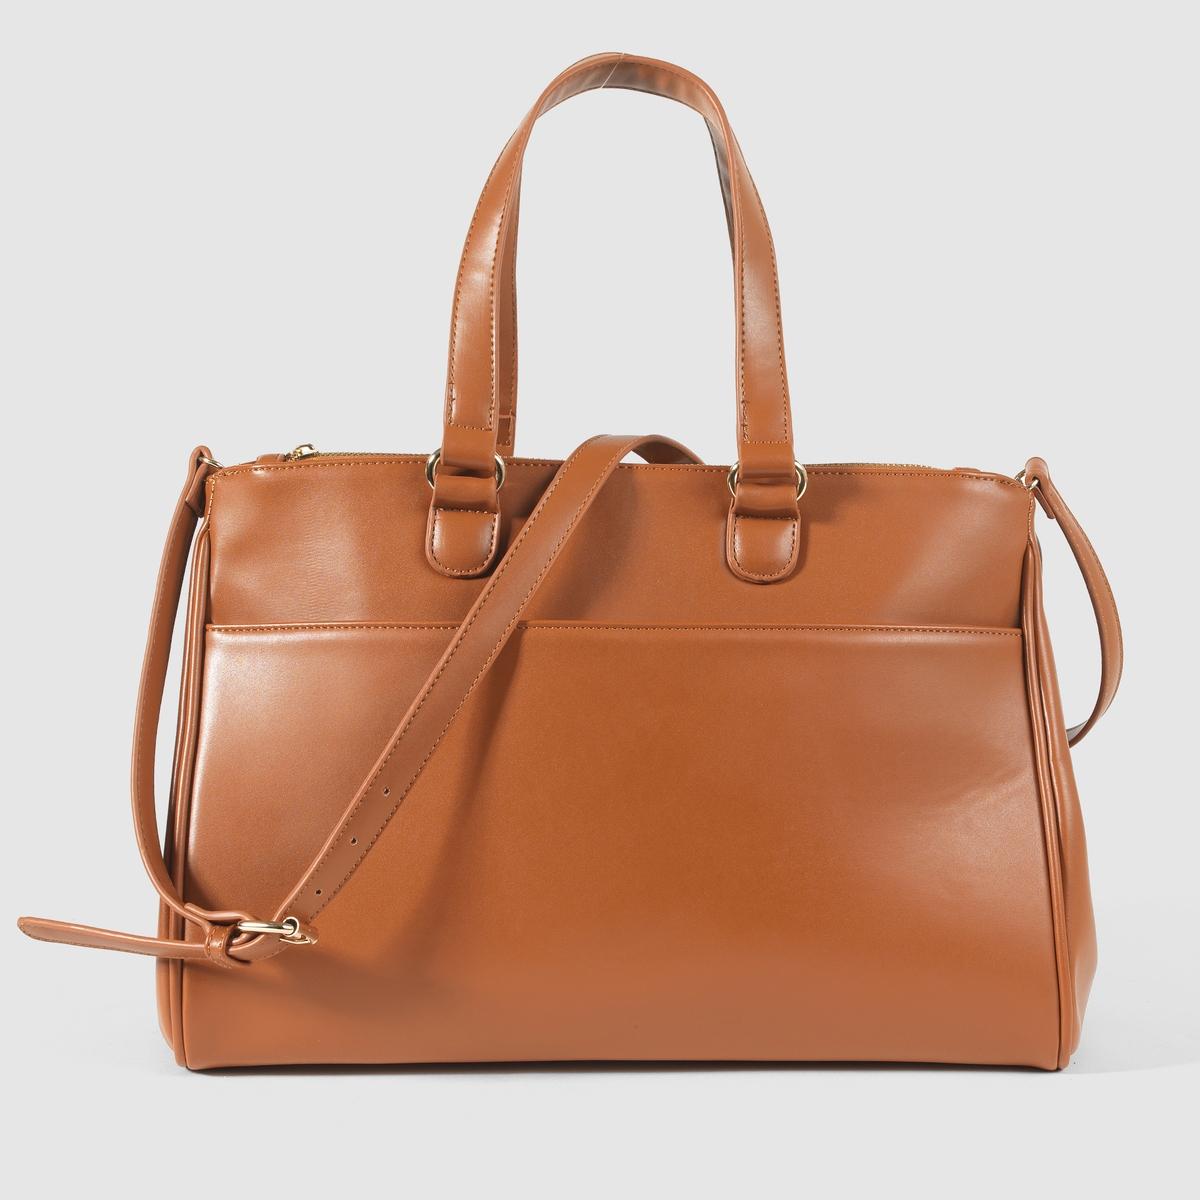 Сумка-портфельПреимущества : Незаменимая сумка-портфель на каждый день,большое количество карманов и 2 отделения на молнии.<br><br>Цвет: темно-бежевый<br>Размер: единый размер